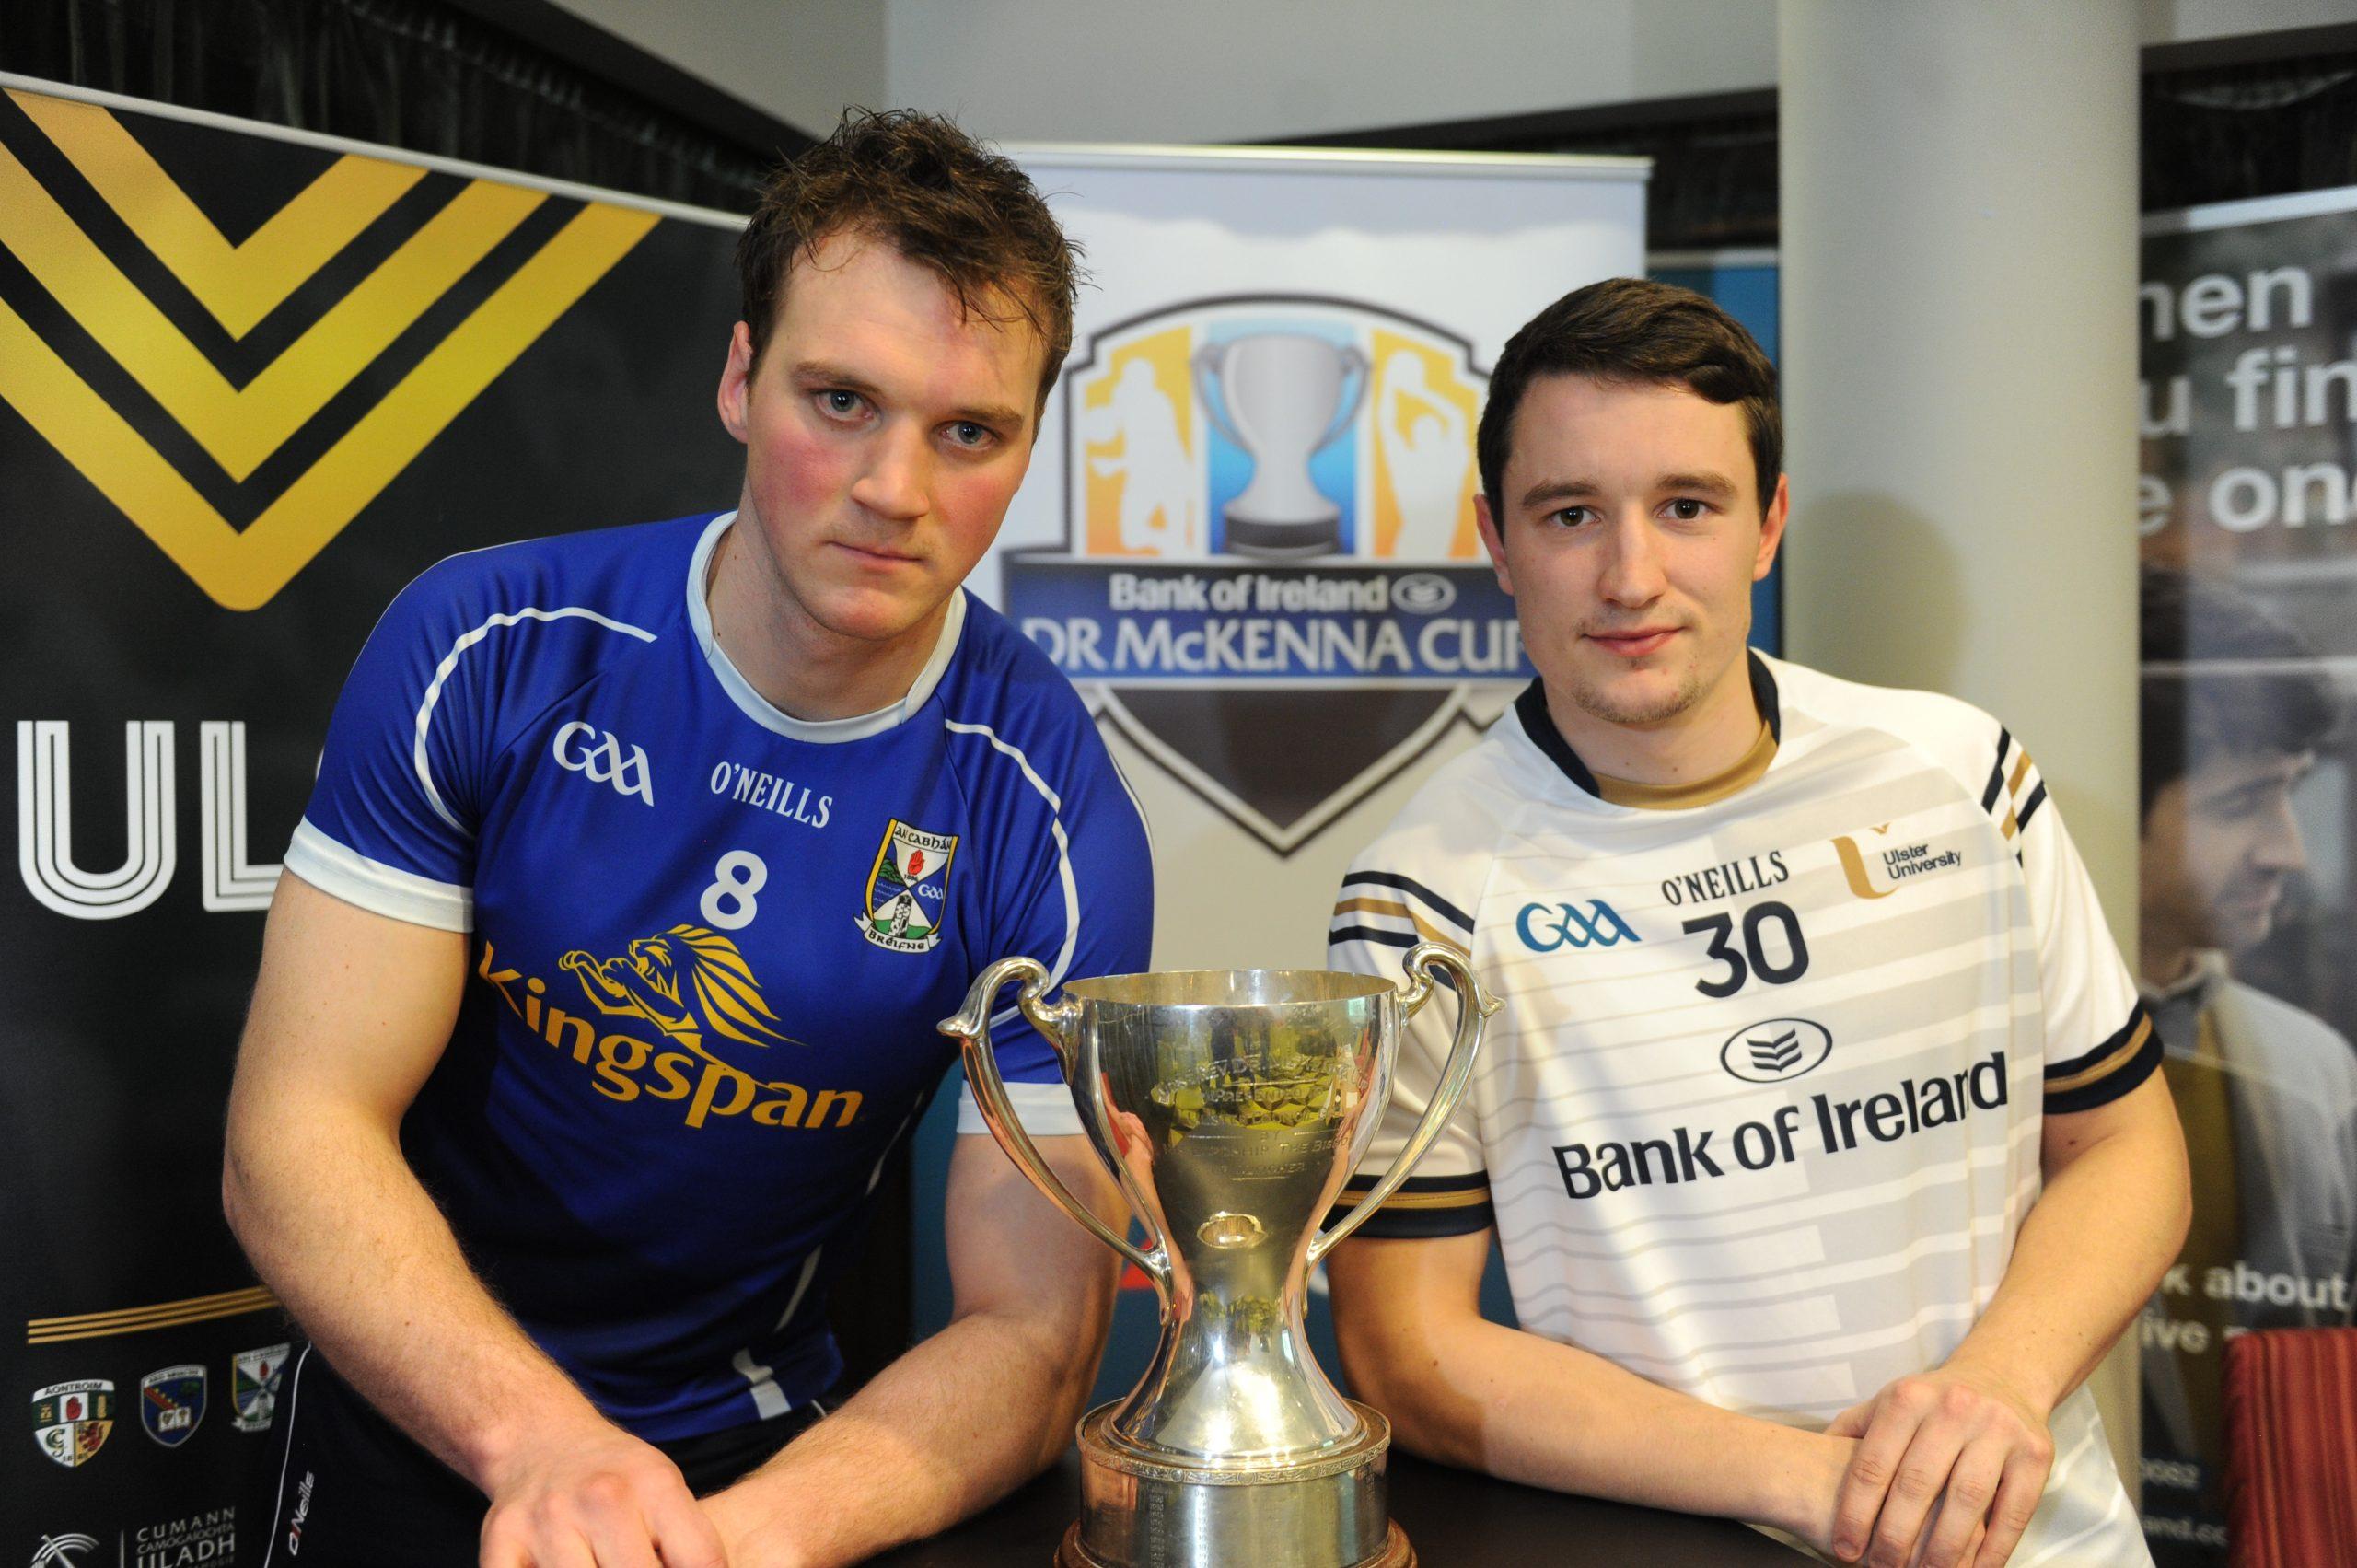 Bank of Ireland Dr McKenna Cup 2017 Fixtures